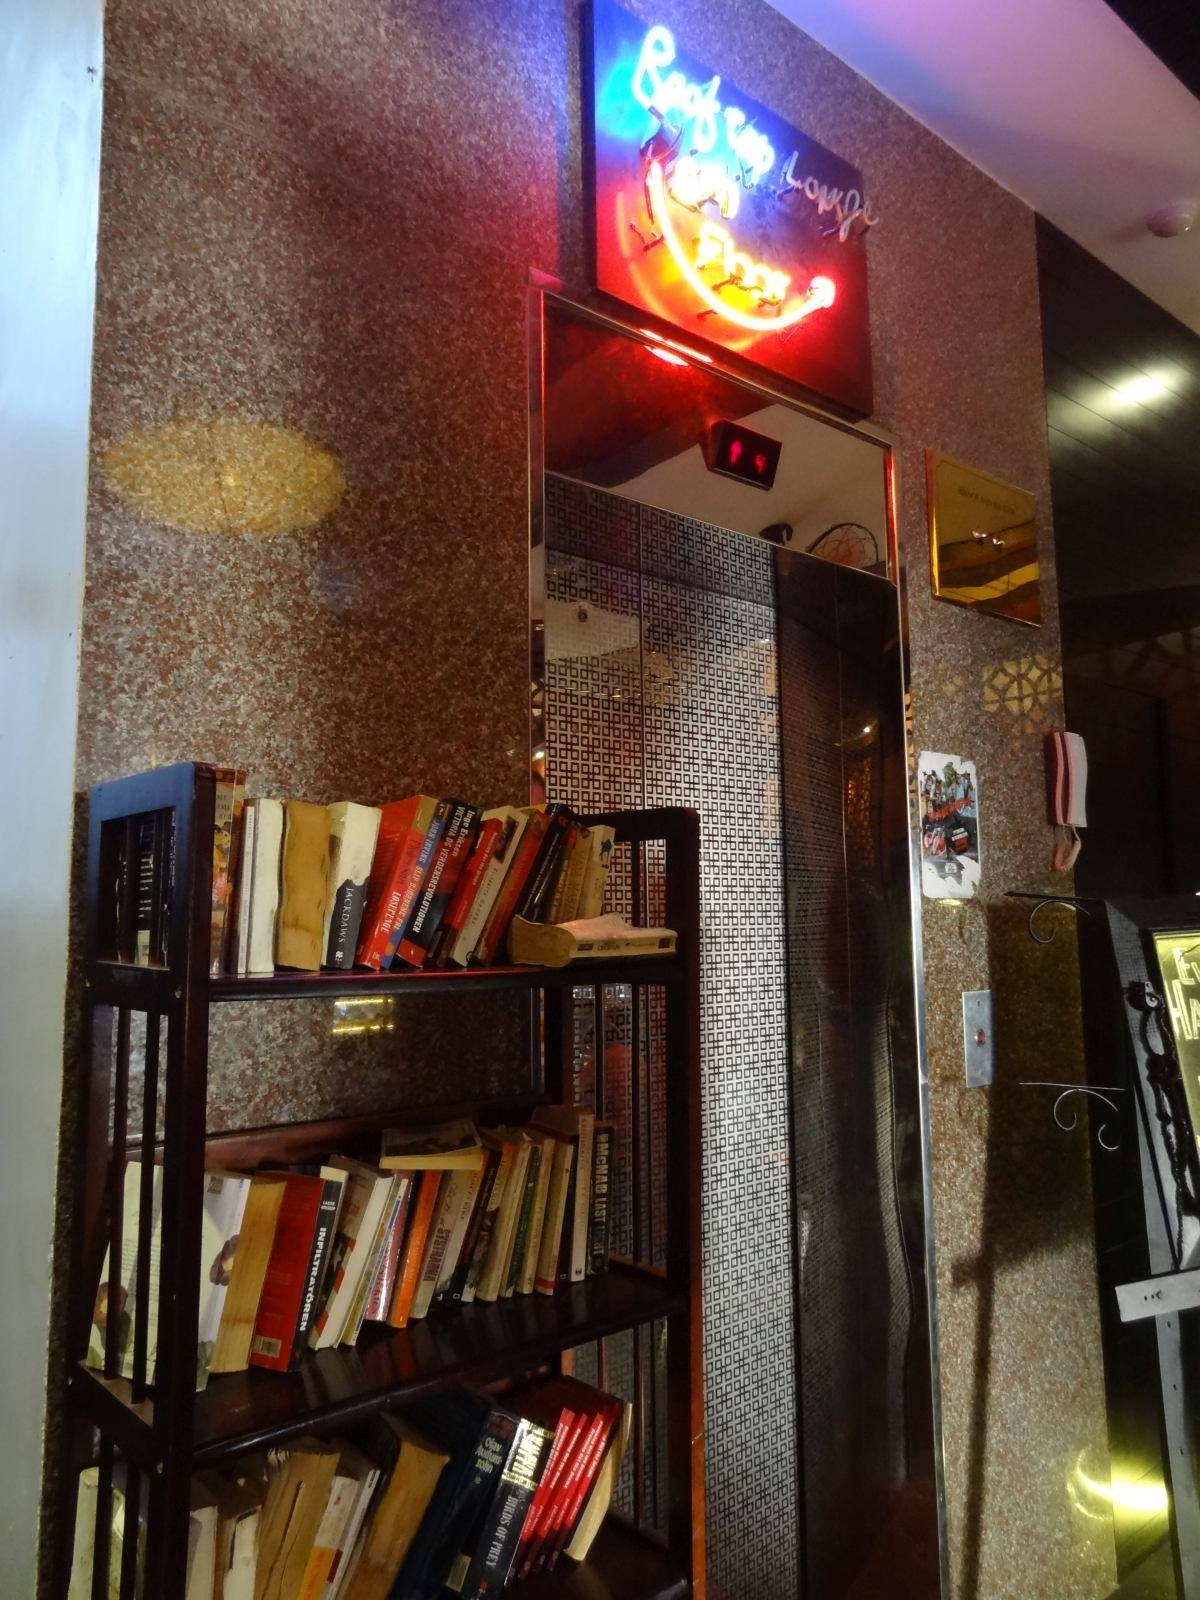 Półka wymiany książek hotelu Havan Nha Trang